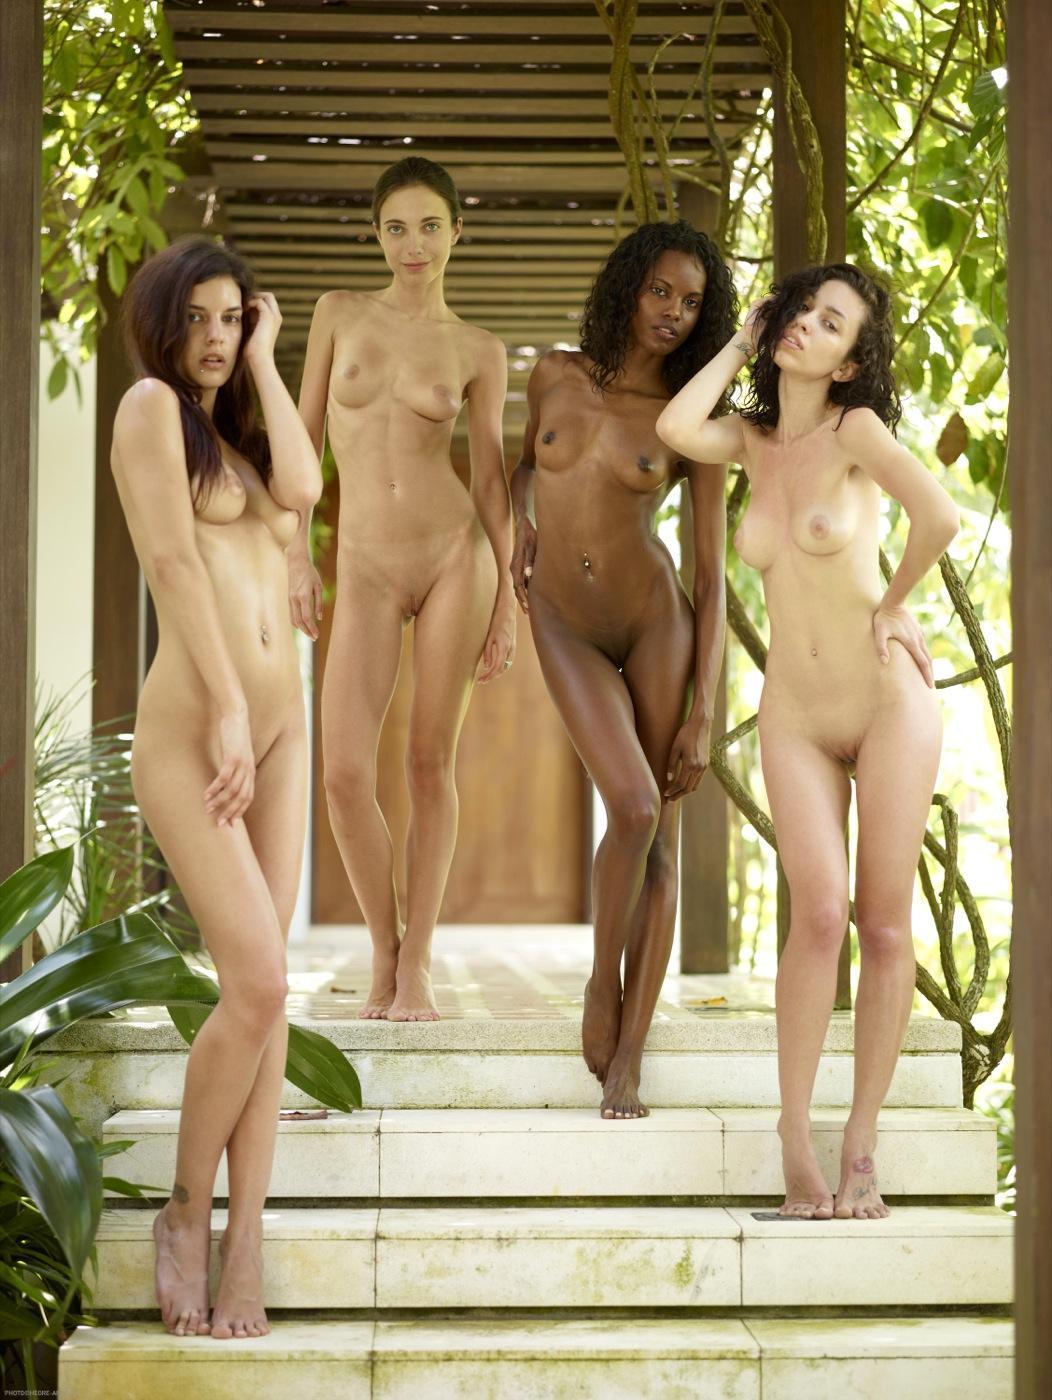 Parte 1: Nuevos datos en desnudos juveniles muestran